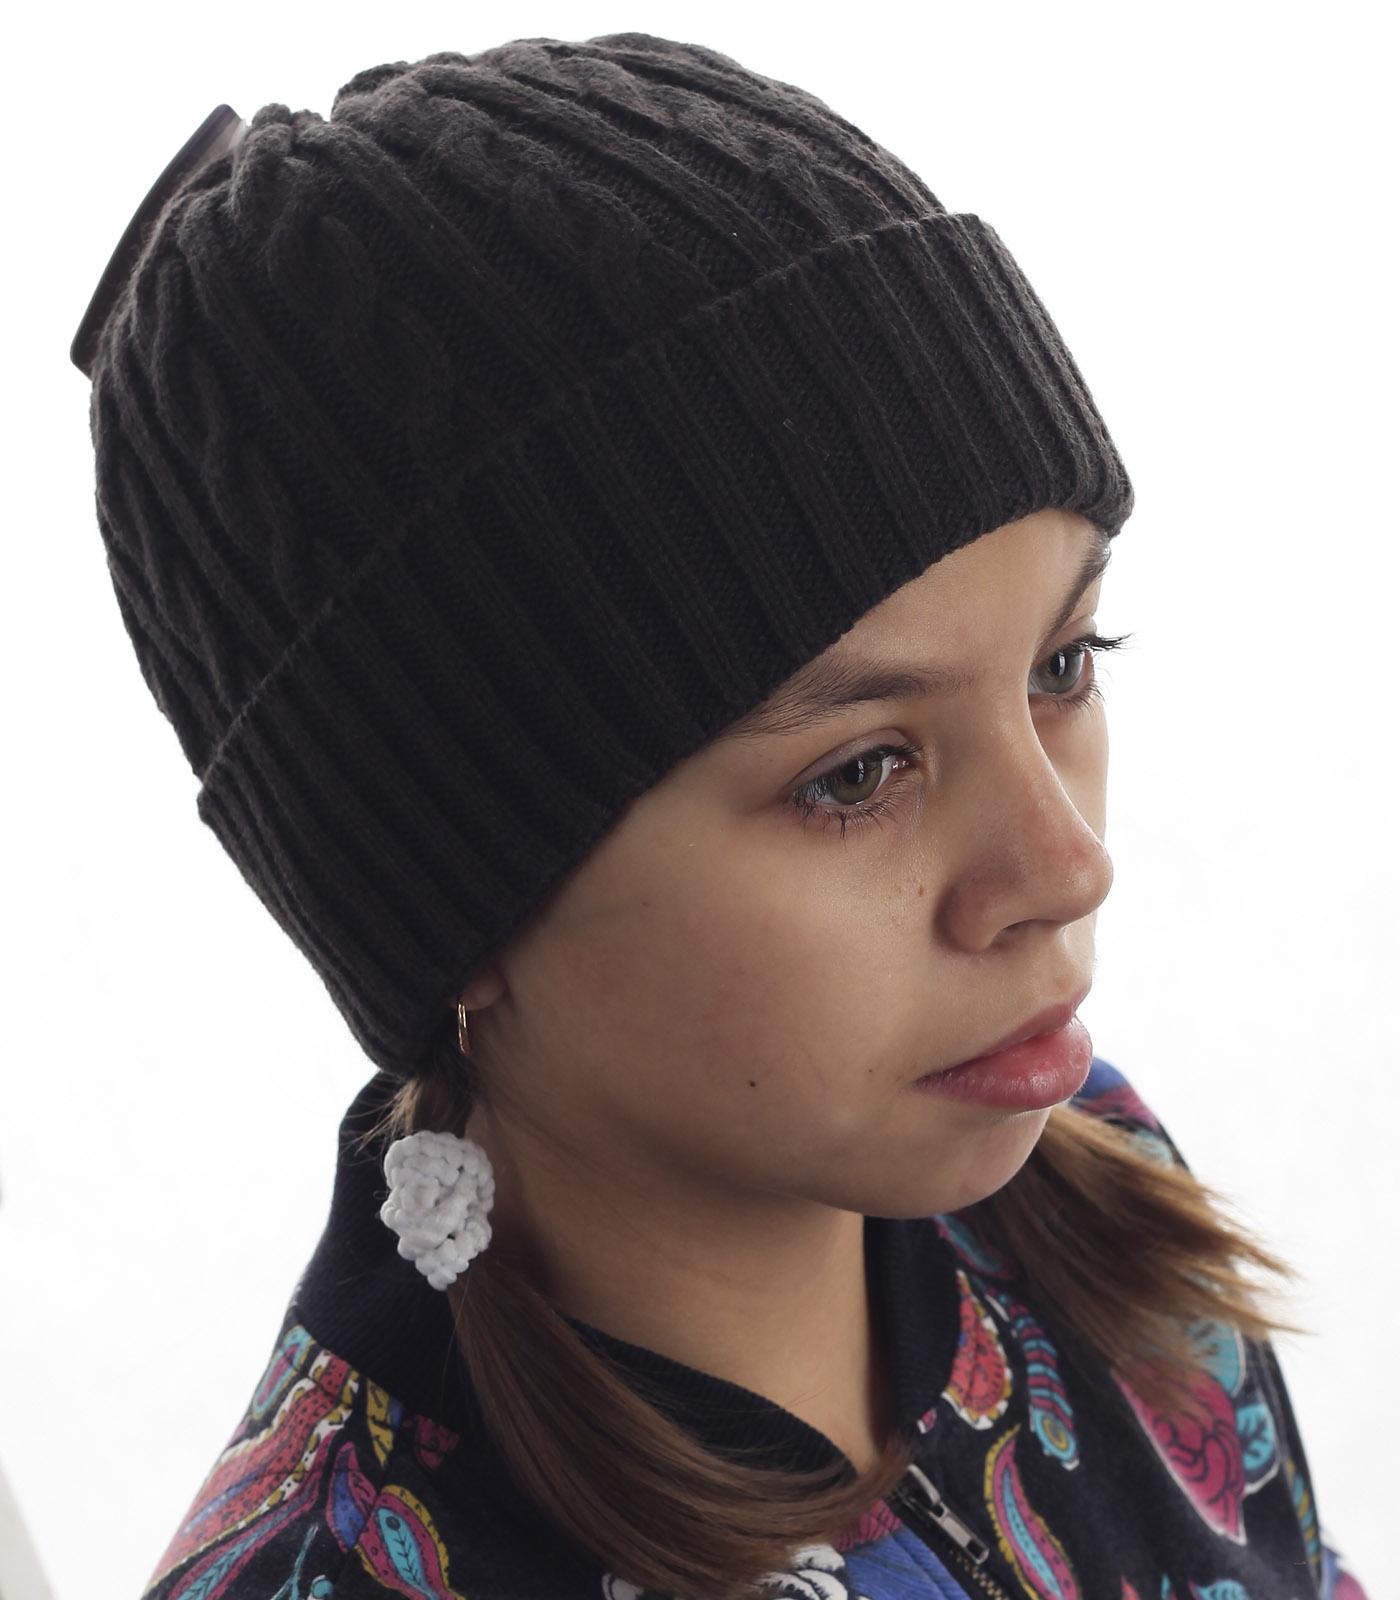 Детская вязаная шапка с традиционным рисунком. Удобная и актуальная модель